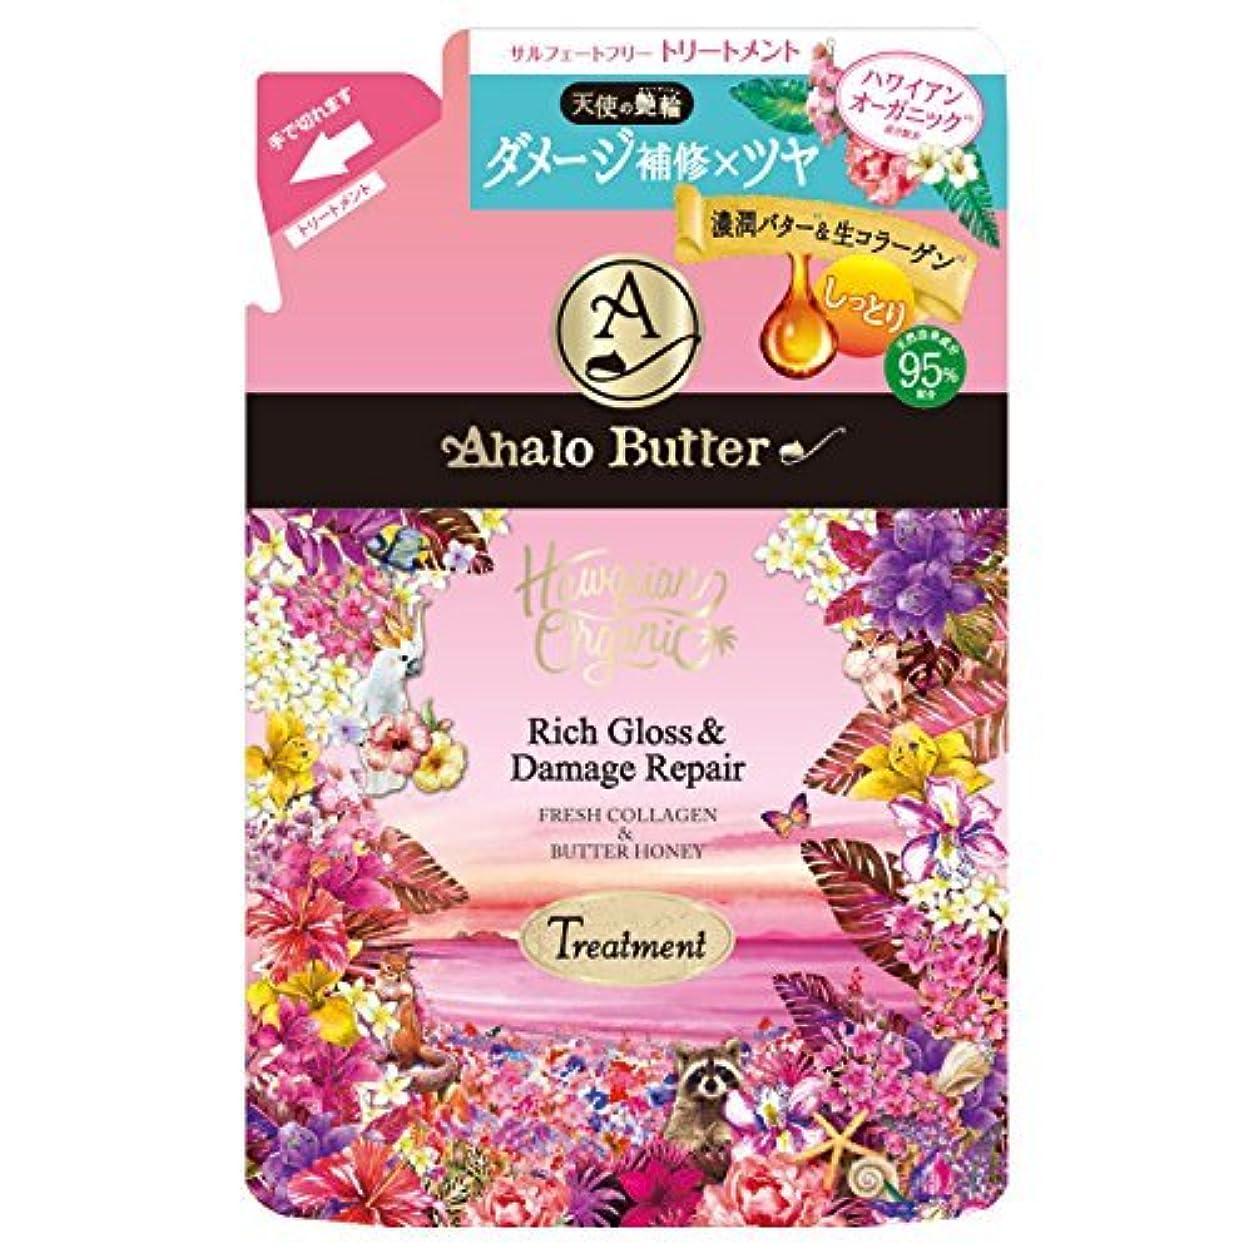 明確なバブル計算するAhalo butter(アハロバター) ハワイアンオーガニック リッチグロス&ダメージリペアトリートメント / 詰め替え / 400ml